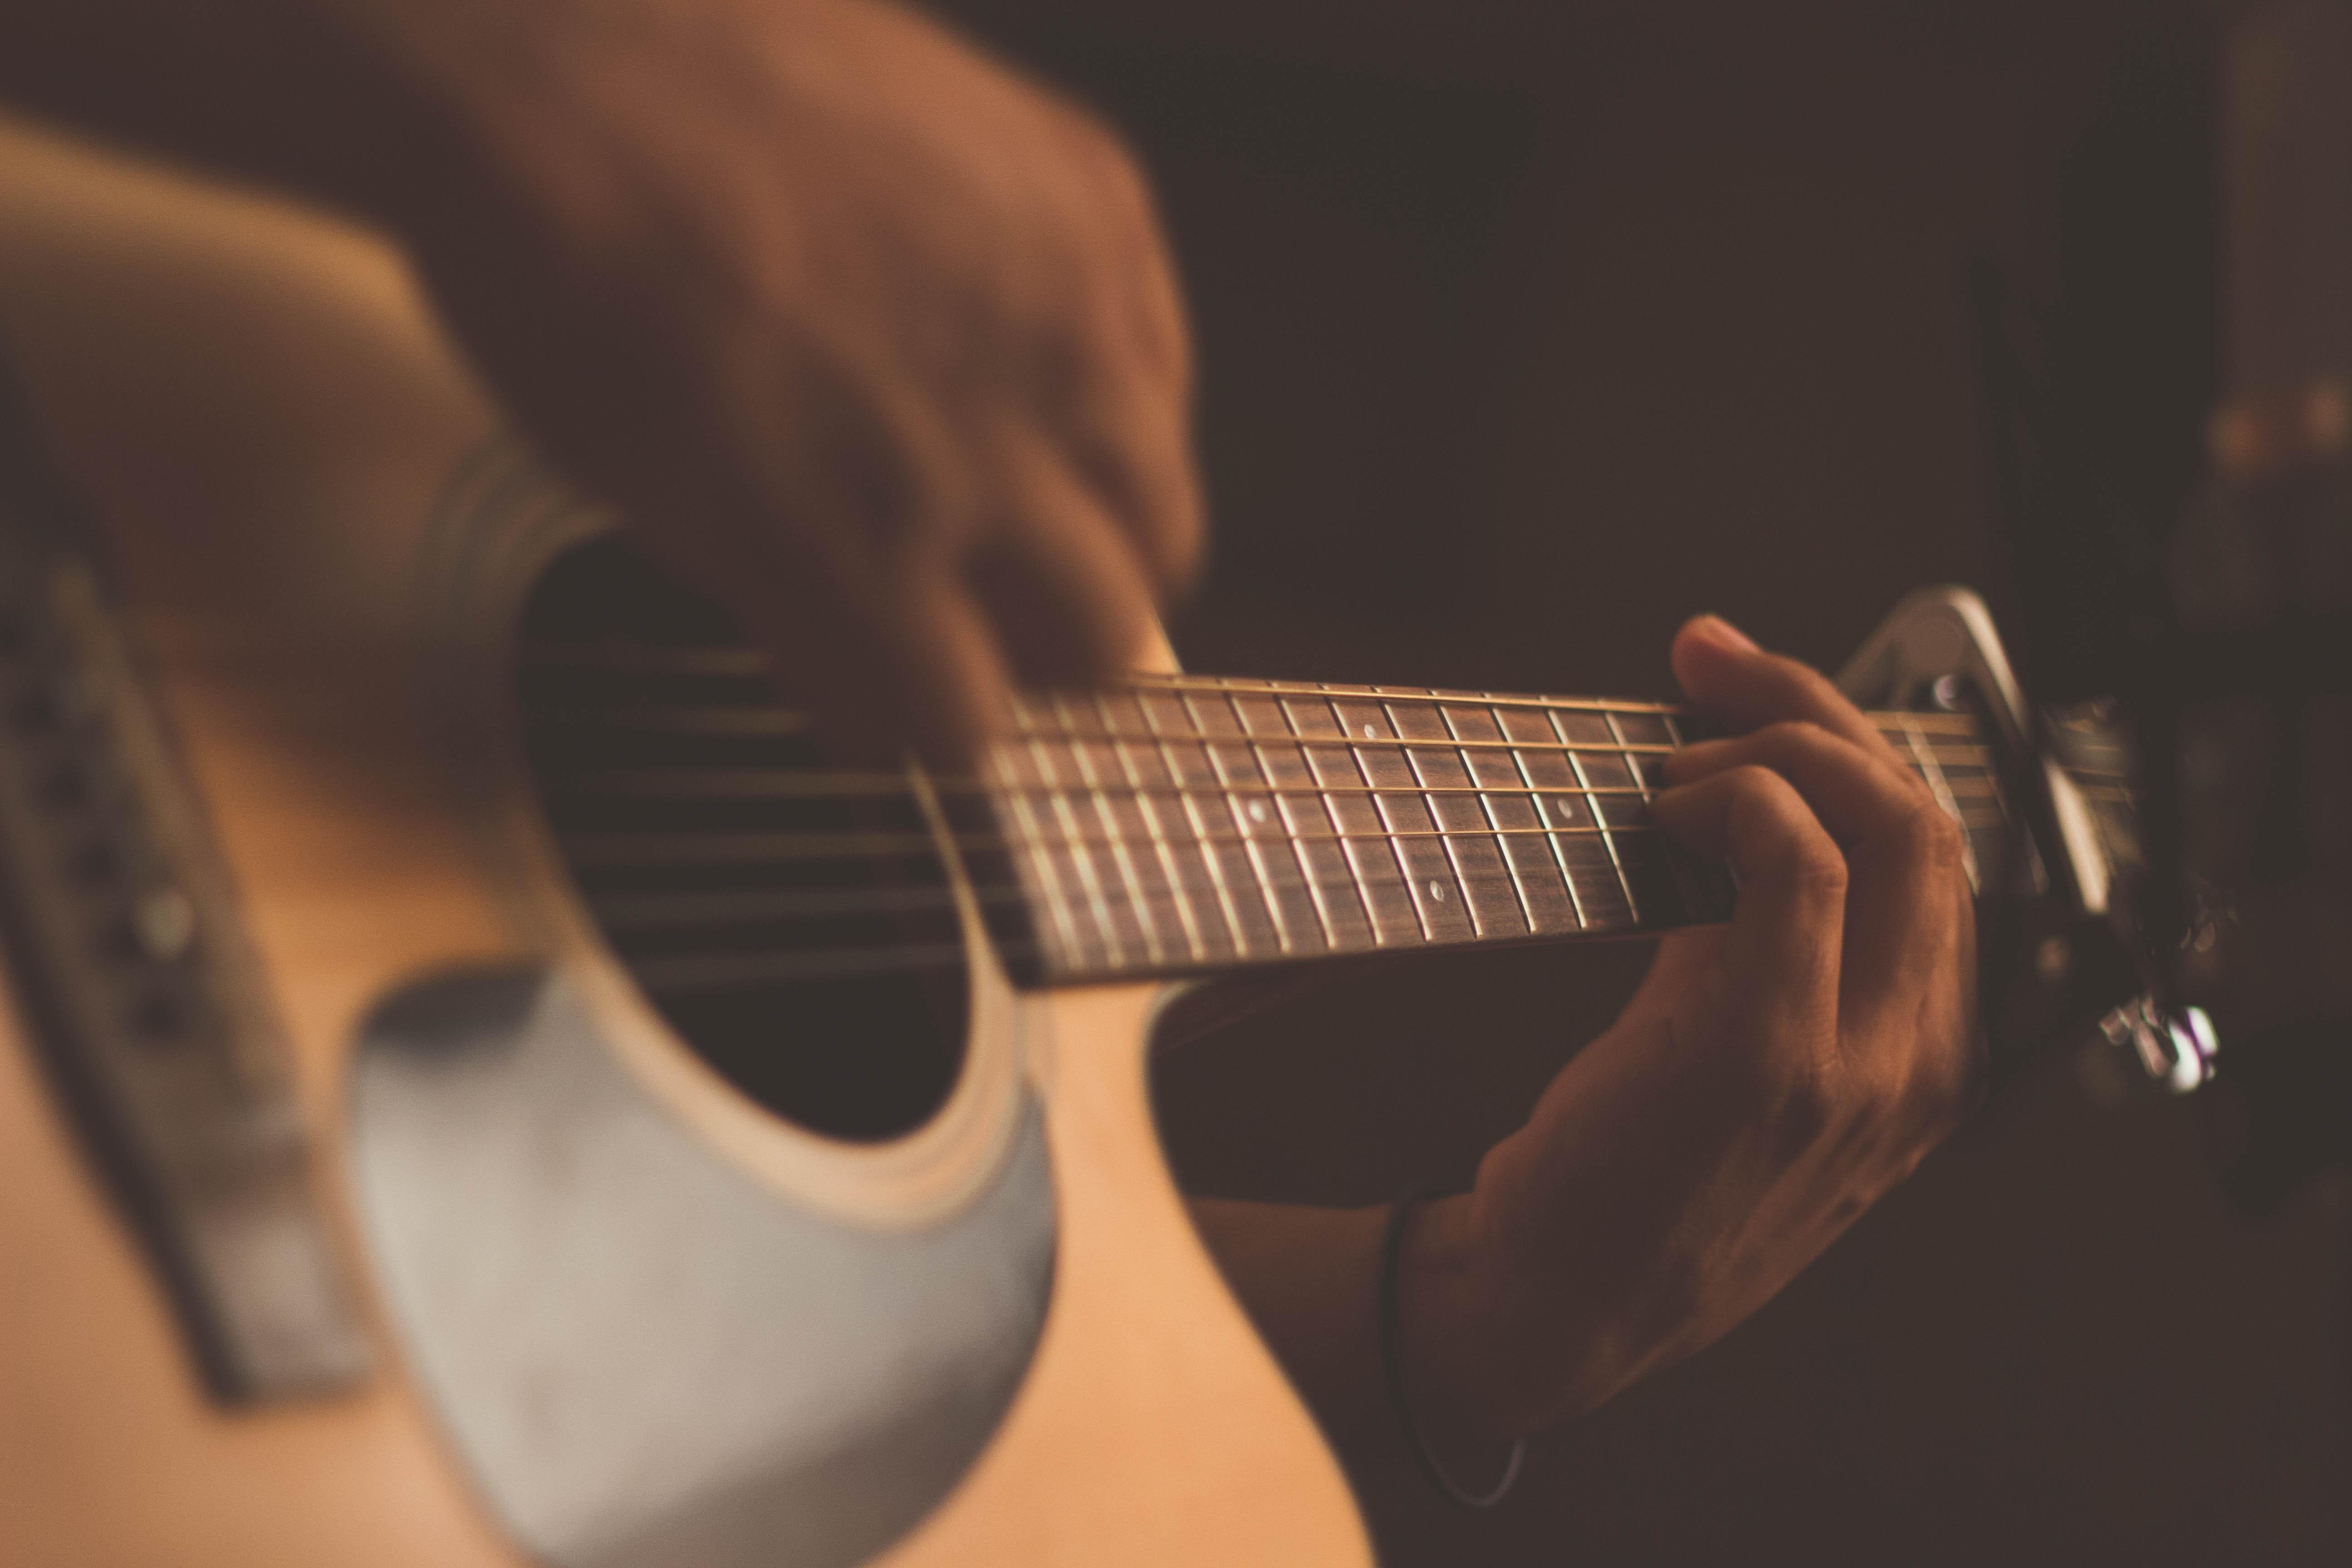 Đàn Guitar: Chia sẻ bí quyết luyện tập đàn hiệu quả tại nhà